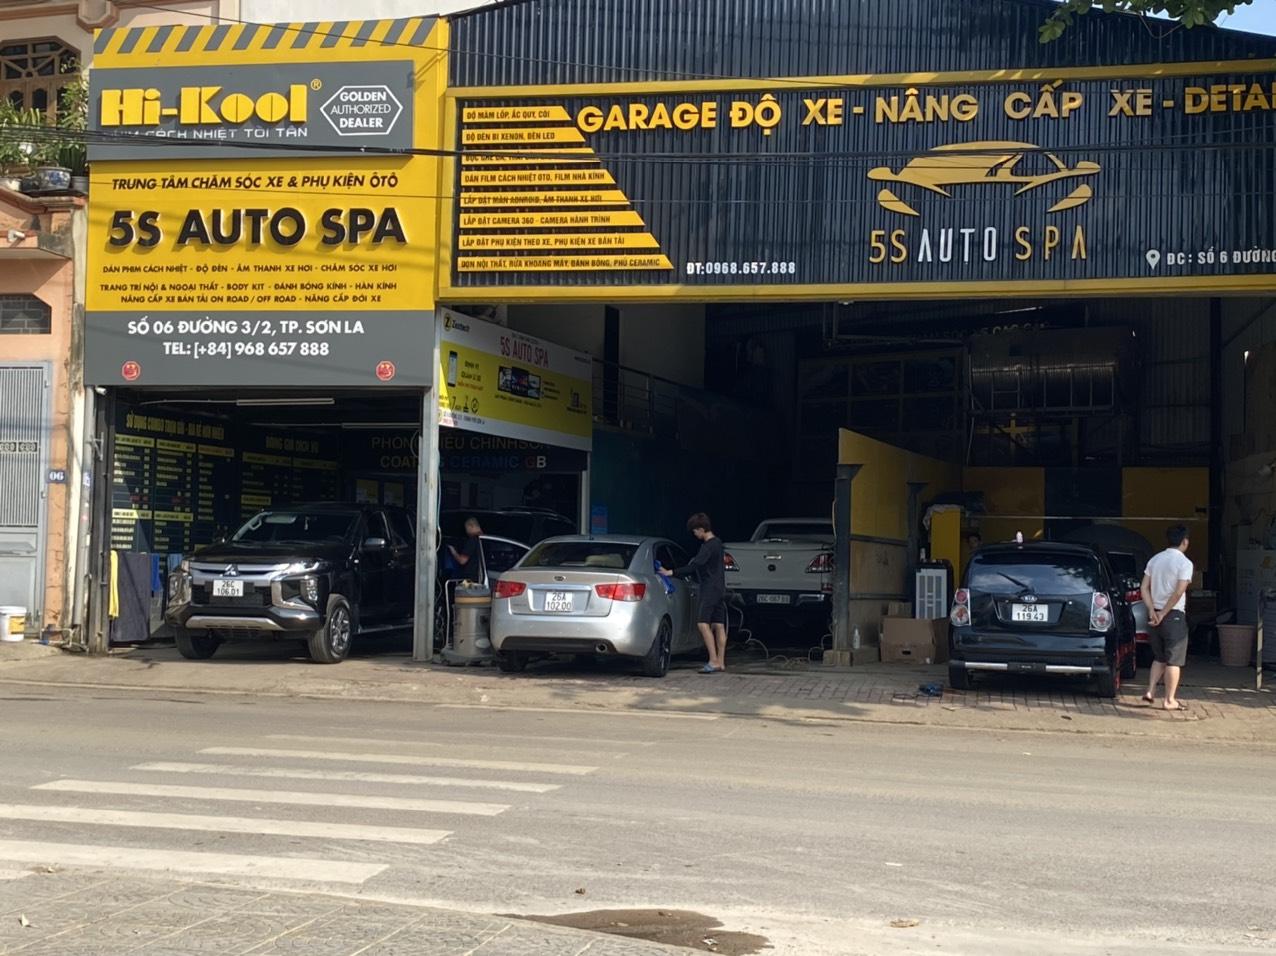 Nội thất 5S Auto Spa